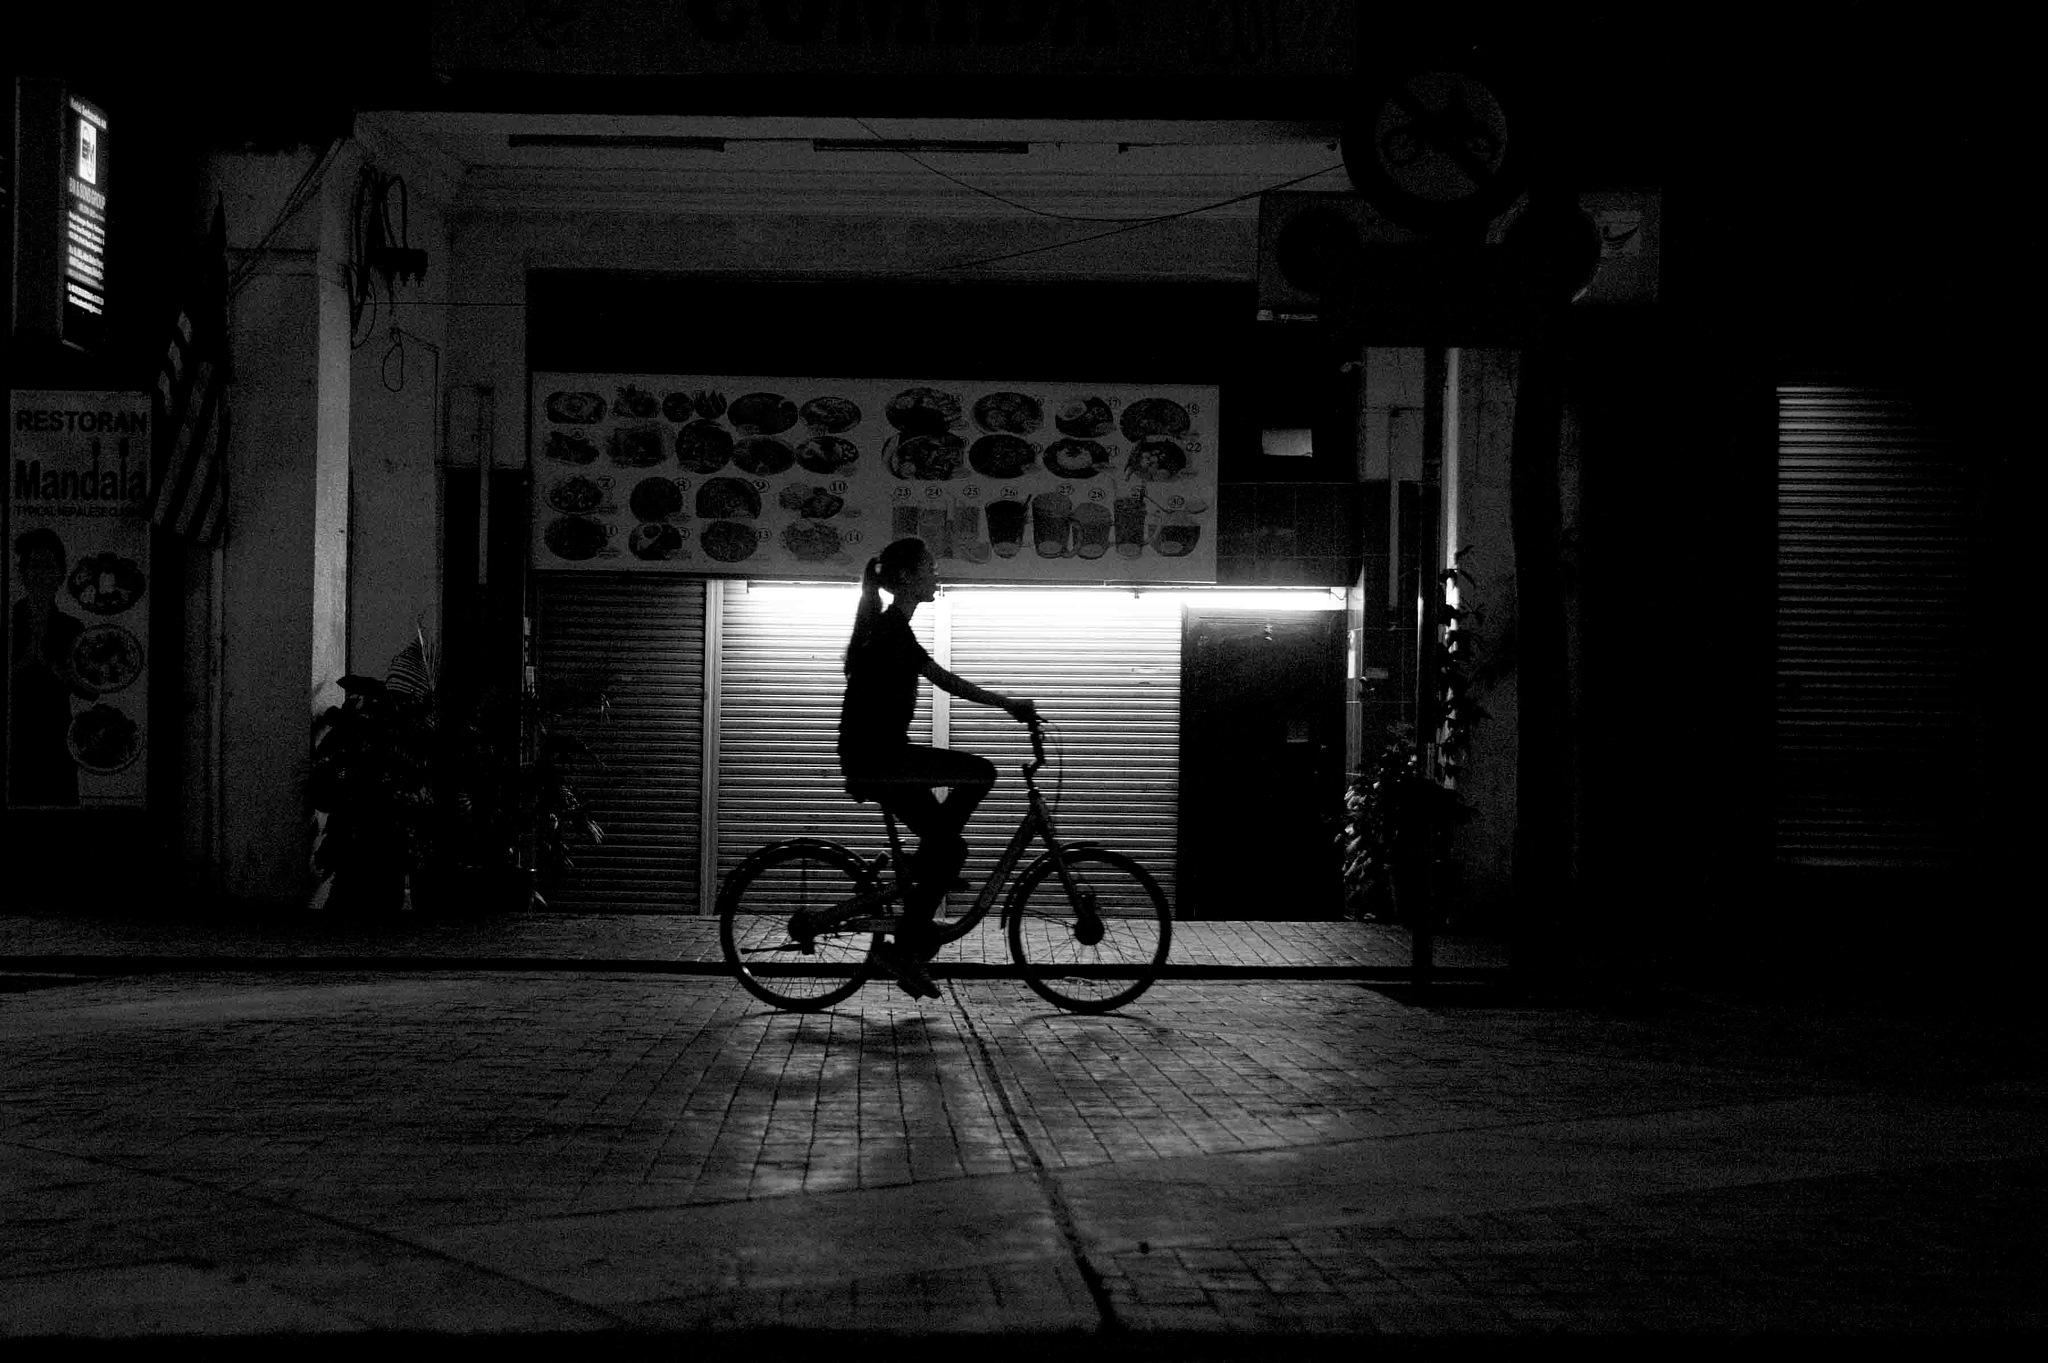 bicycle  by Mustaffa Tapa Otai